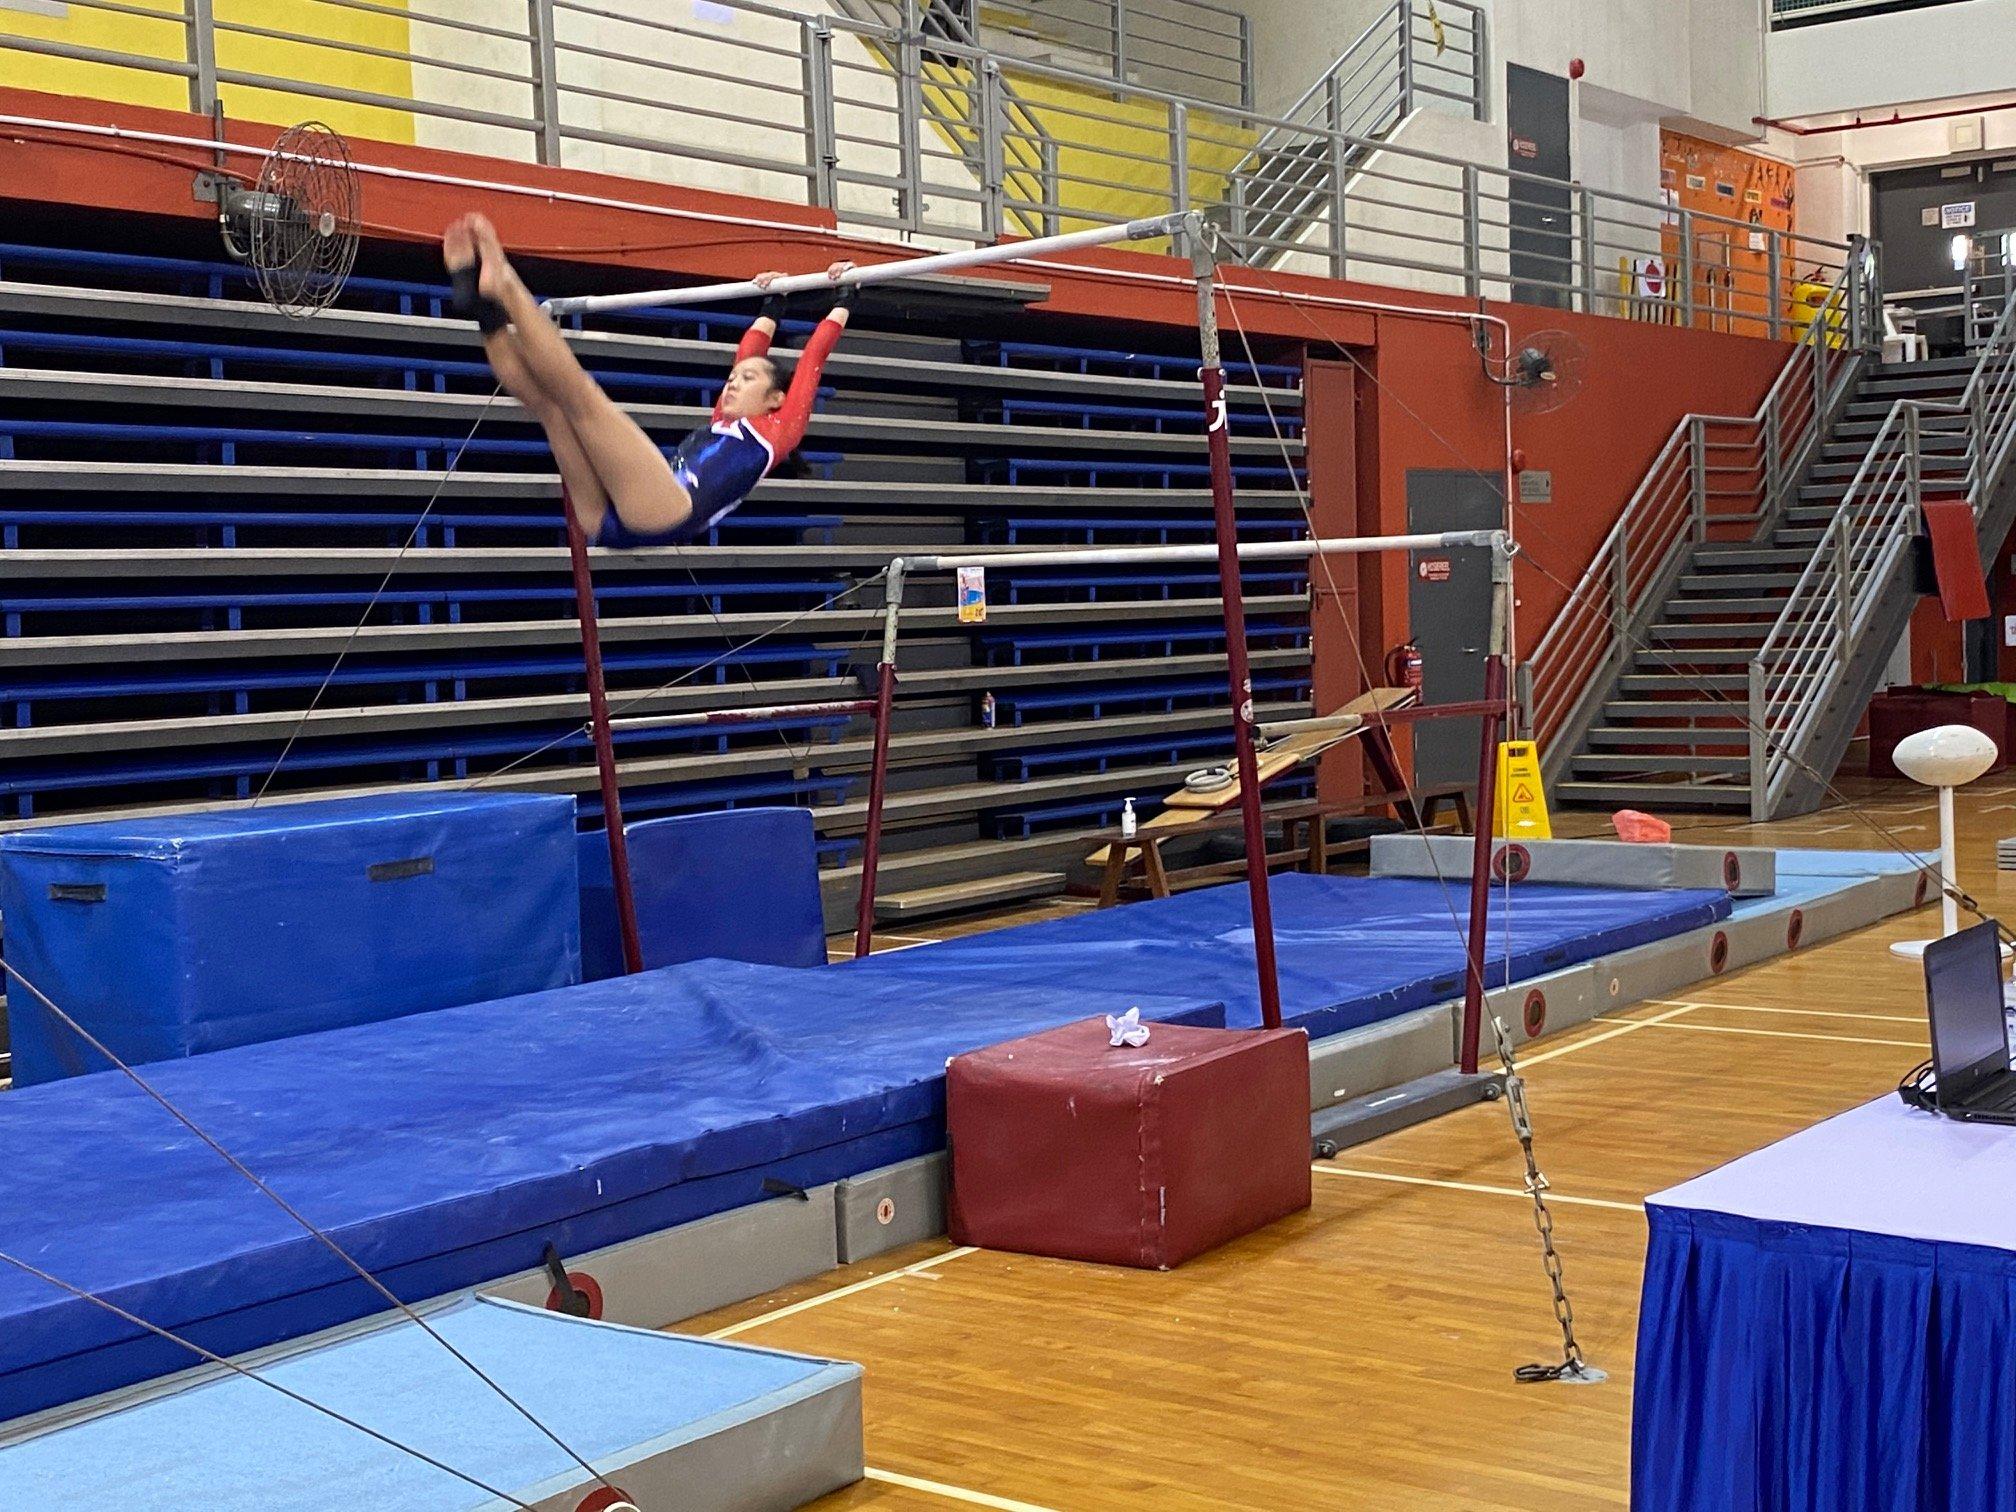 NSG Snr Div gymnastics - uneven bars (Ai Tong) 2